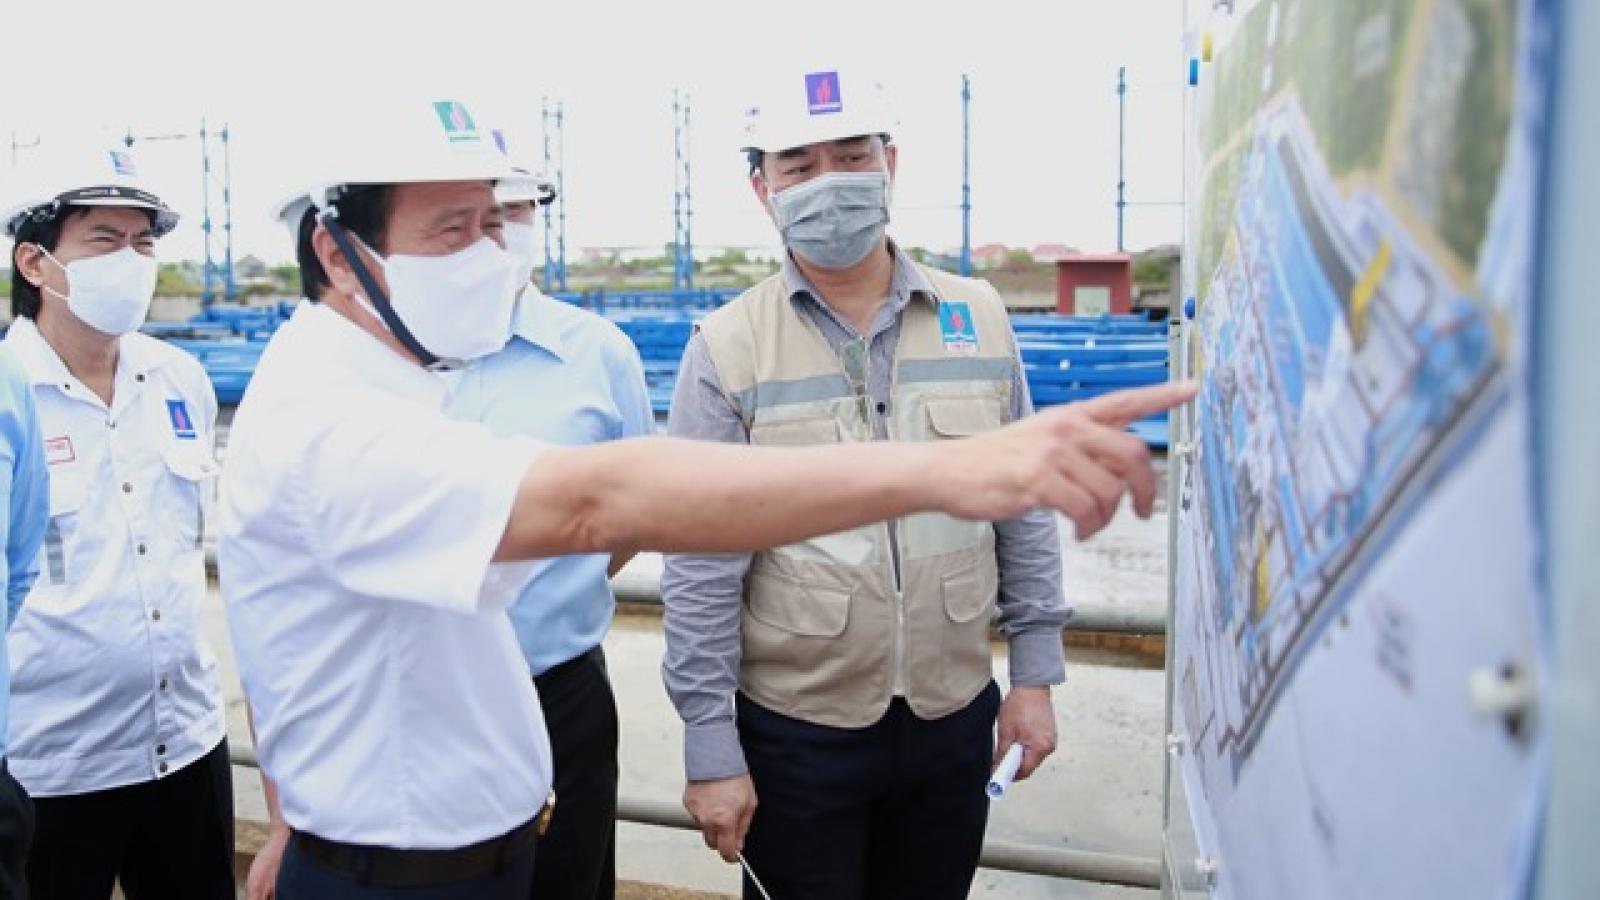 Phó Thủ tướng Lê Văn Thành kiểm tra tiến độ xây dựng Nhà máy Nhiệt điện Thái Bình 2